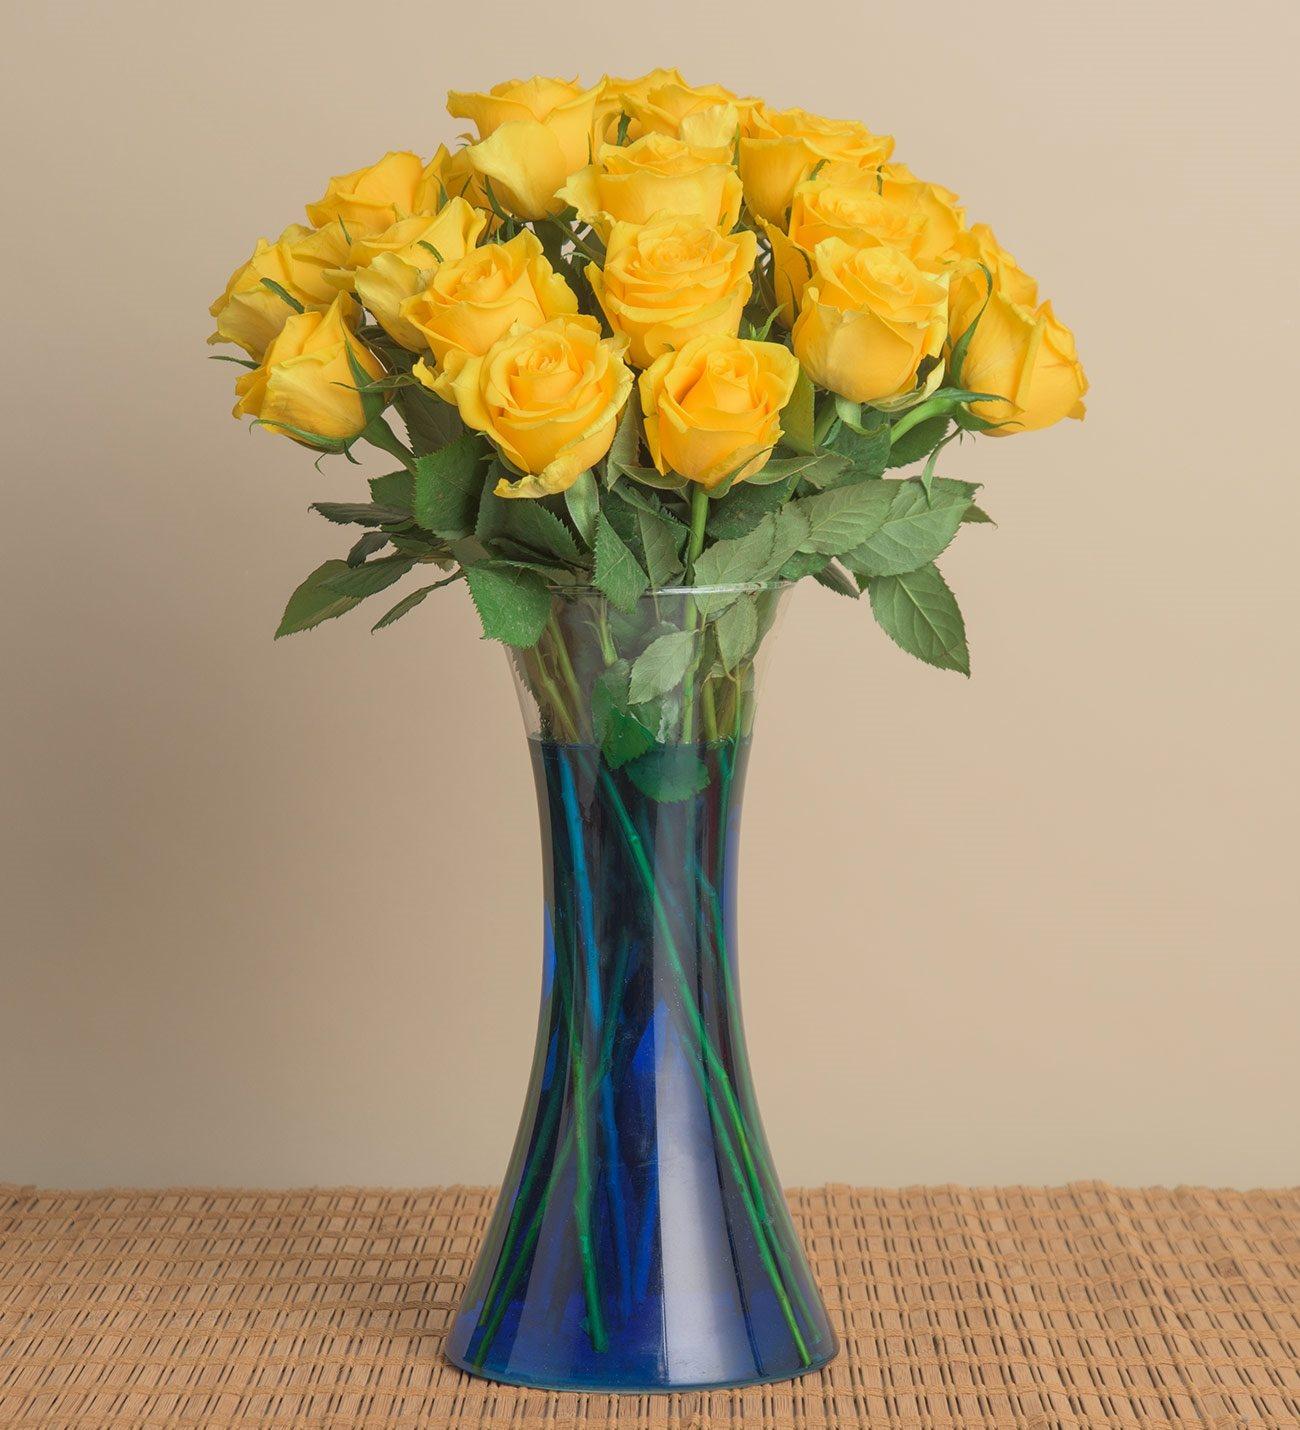 Brisa Marina Y Rosas Amarillas Kc143569